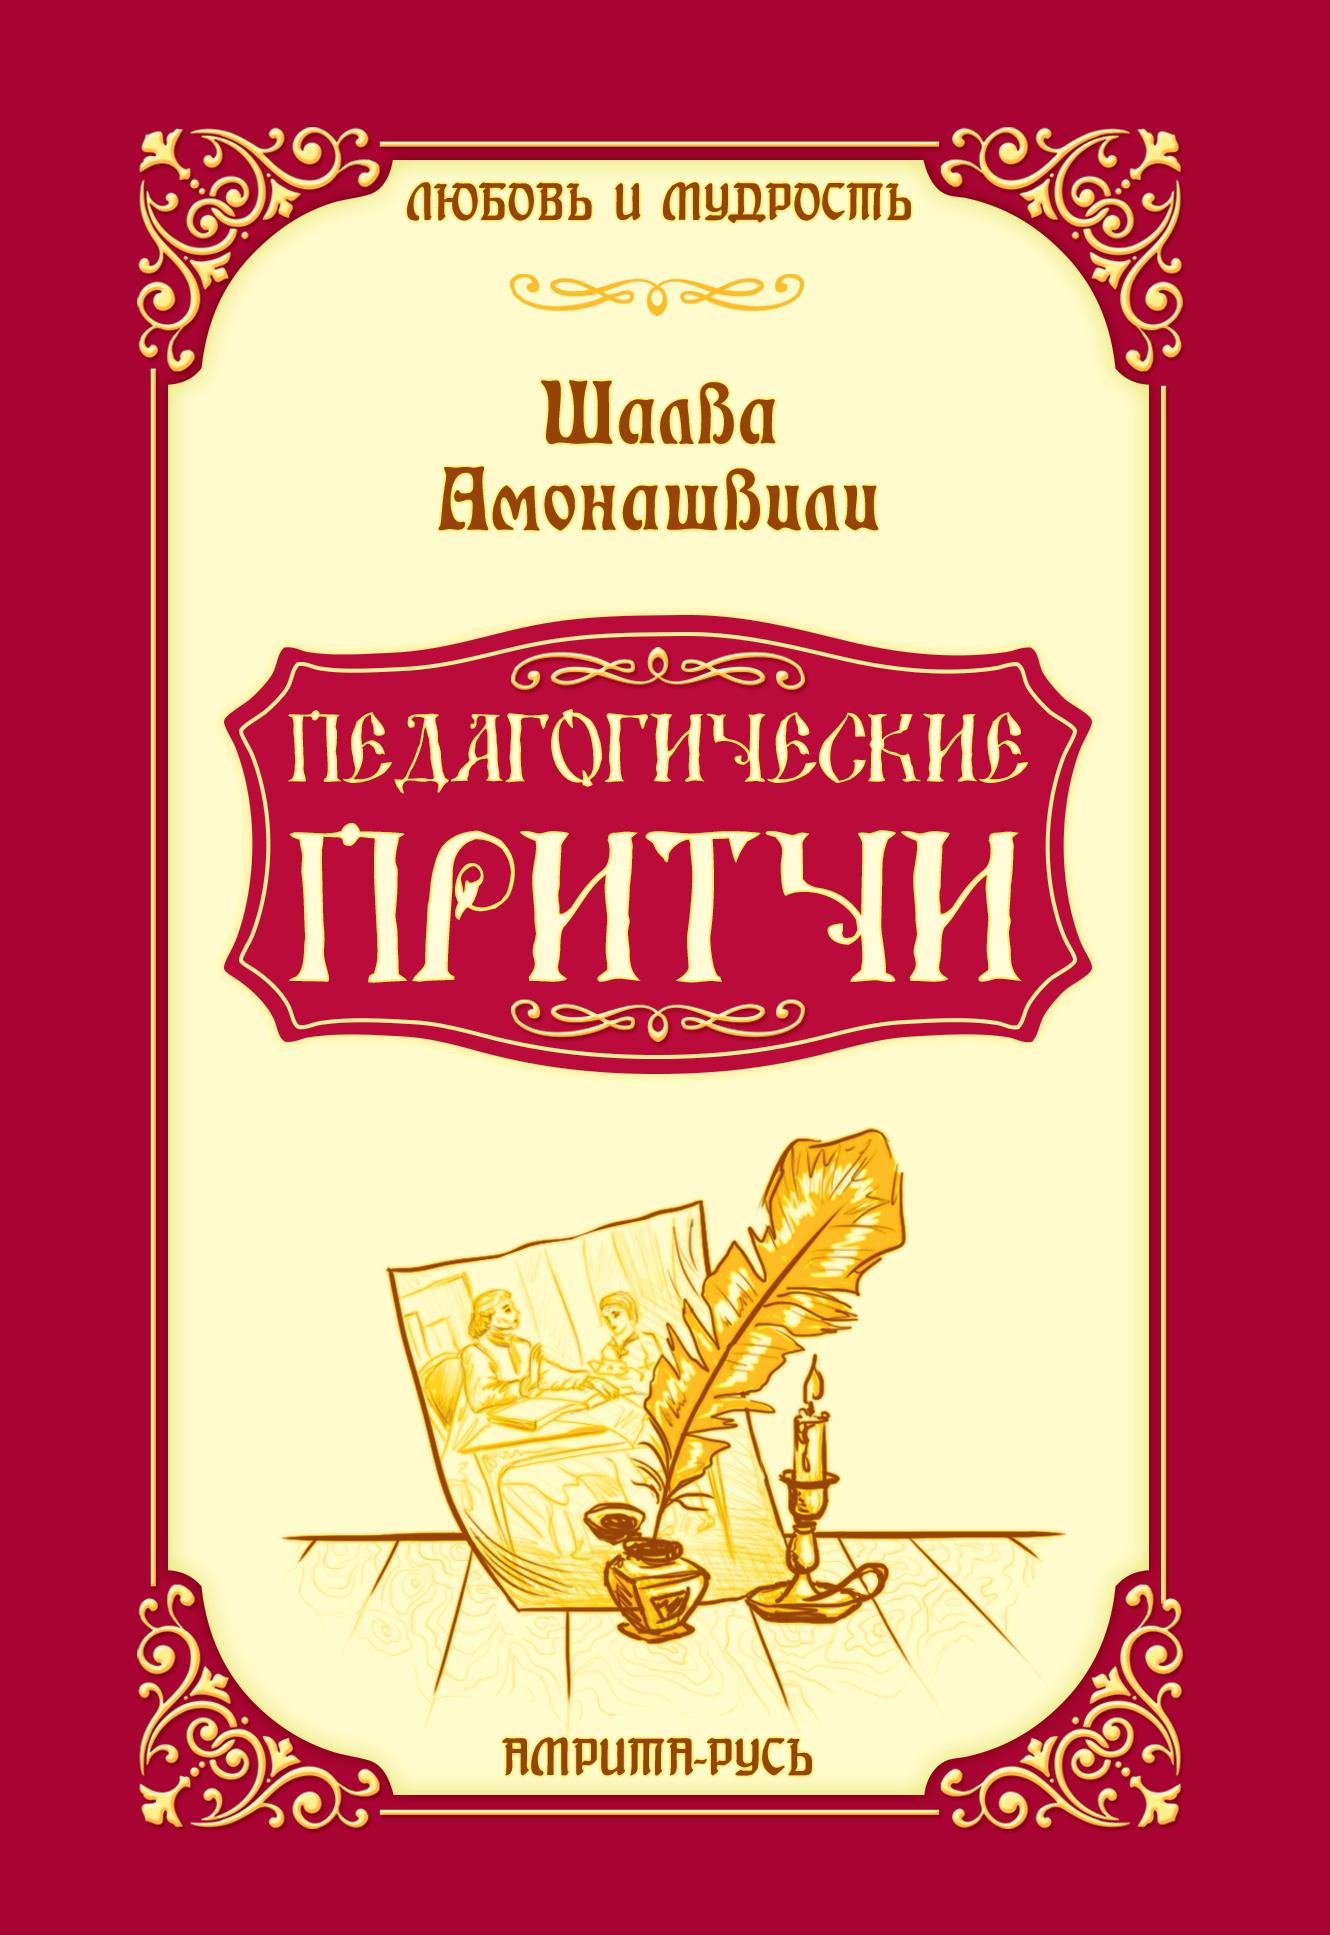 Педагогические притчи. 10-е изд.